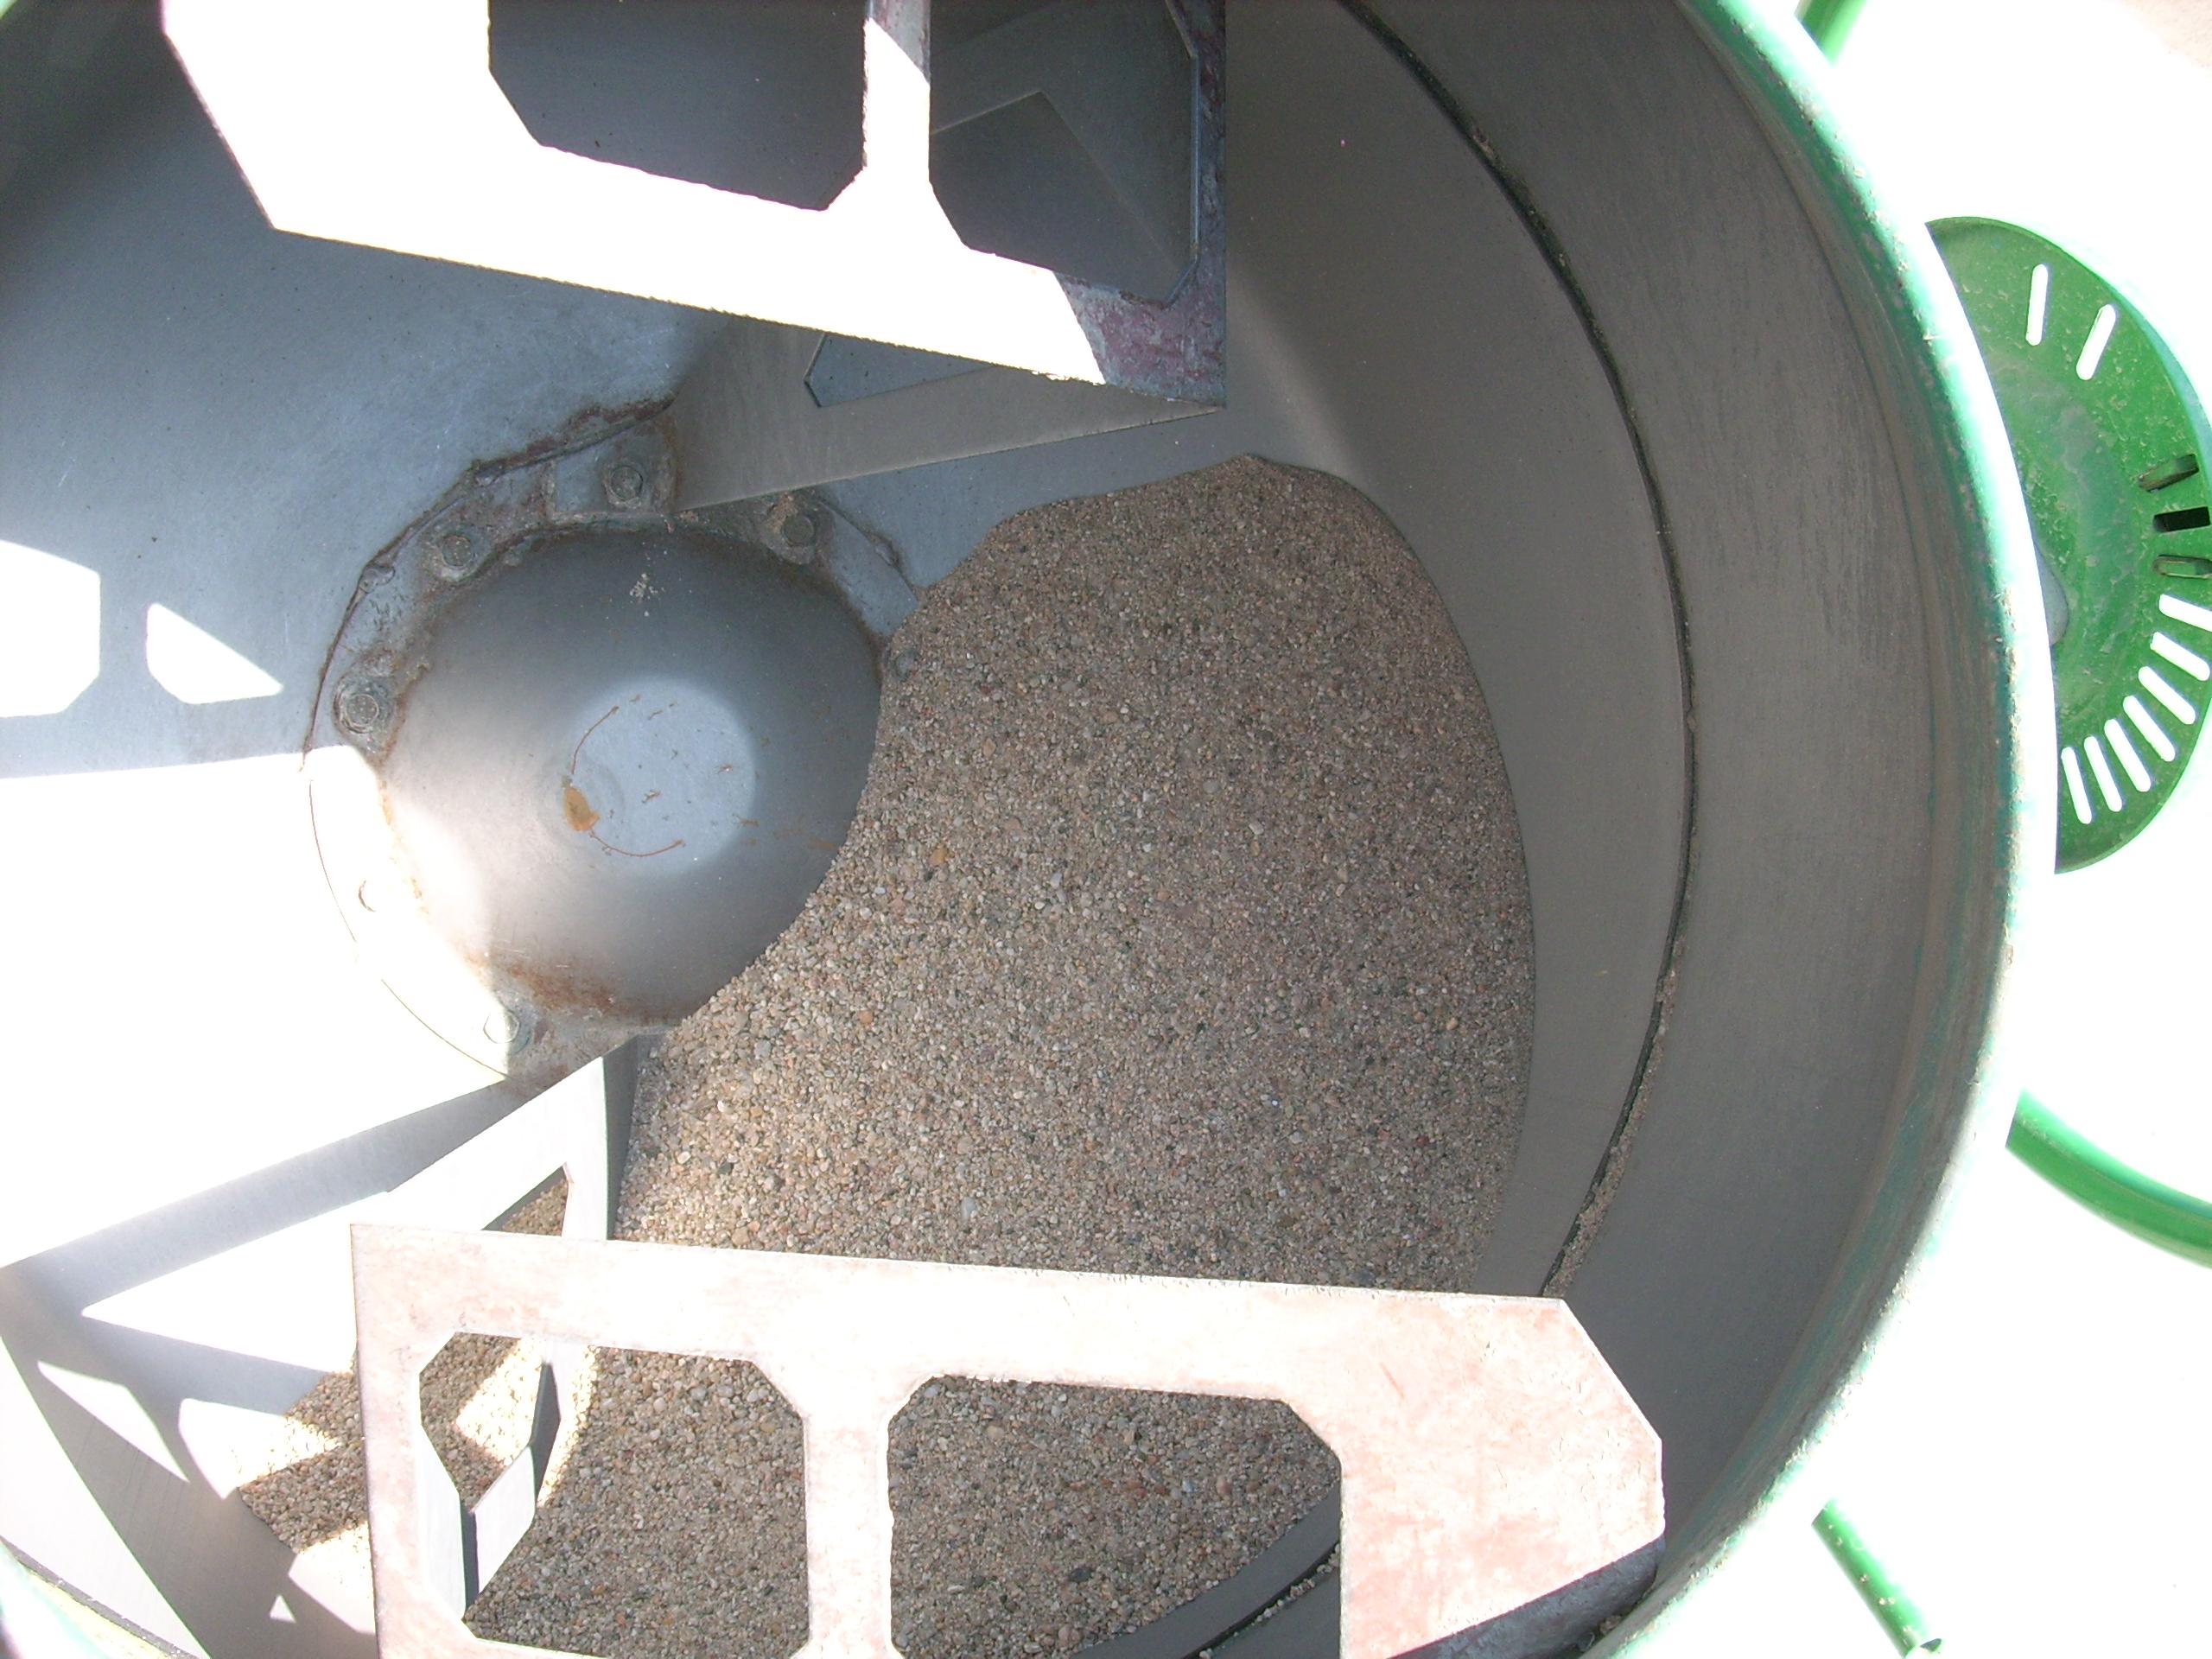 Prepararea betonului hidroizolat in toata masa UNICO PROFIT - Poza 1